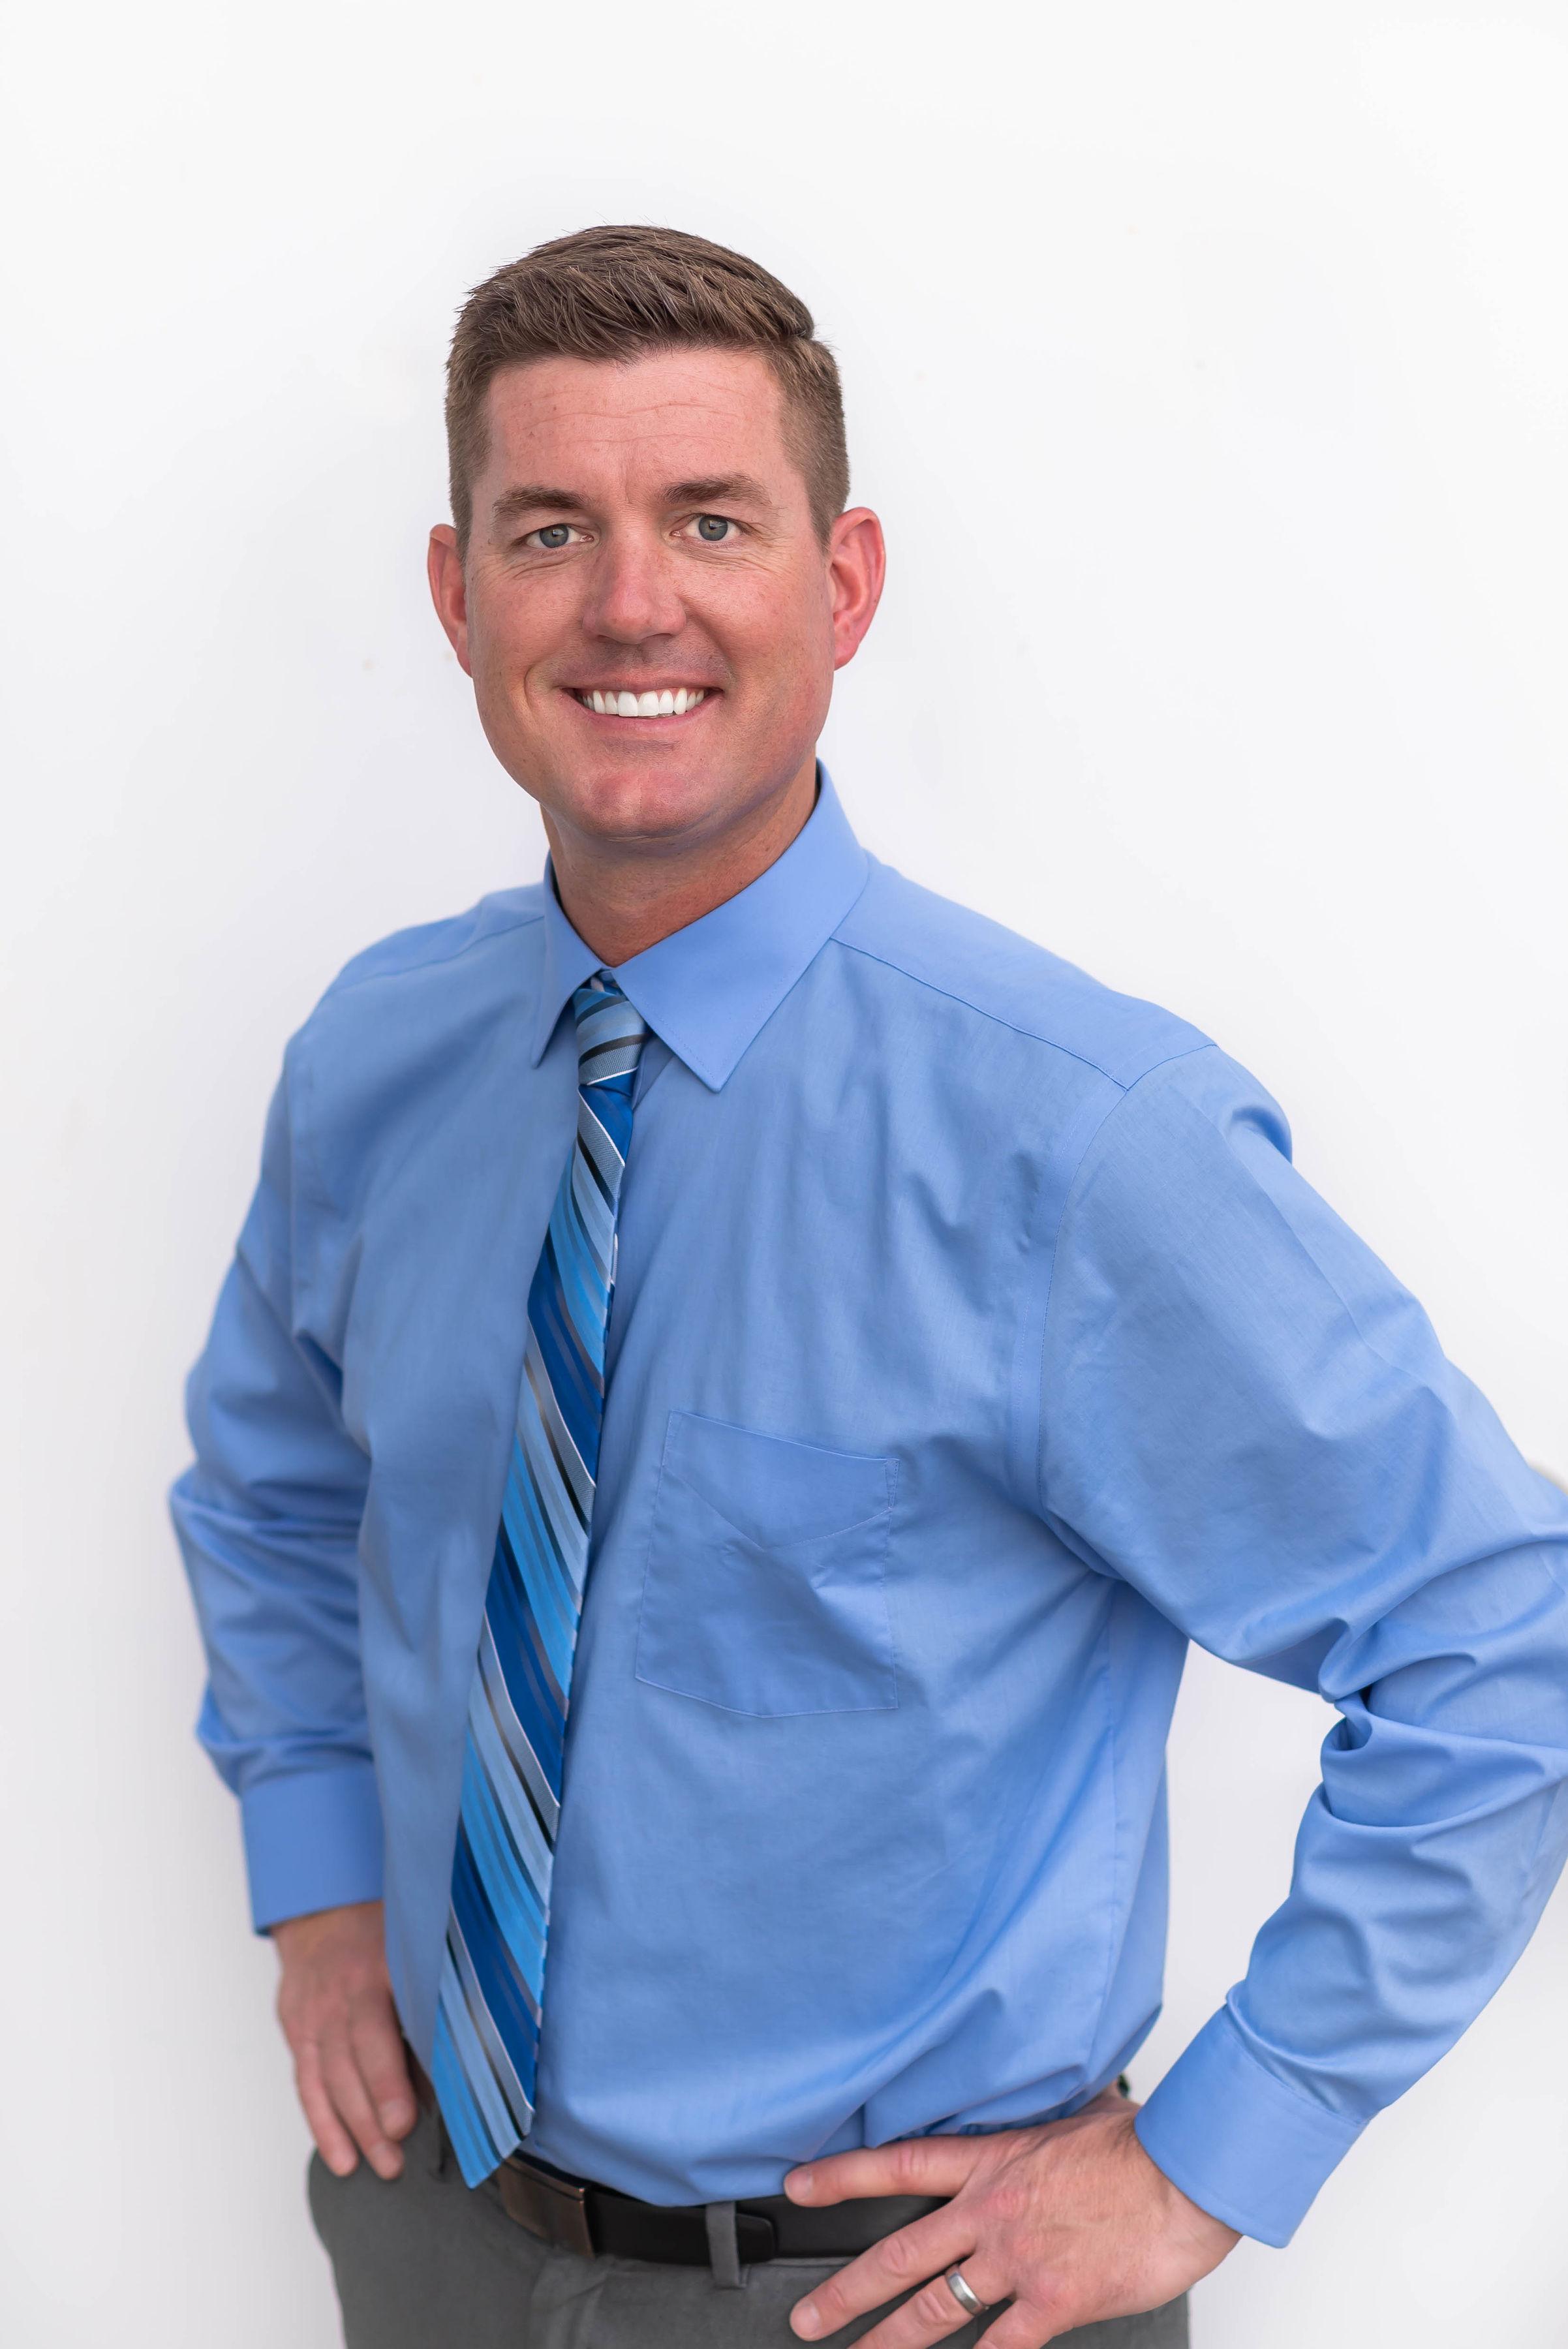 Shane Ogden